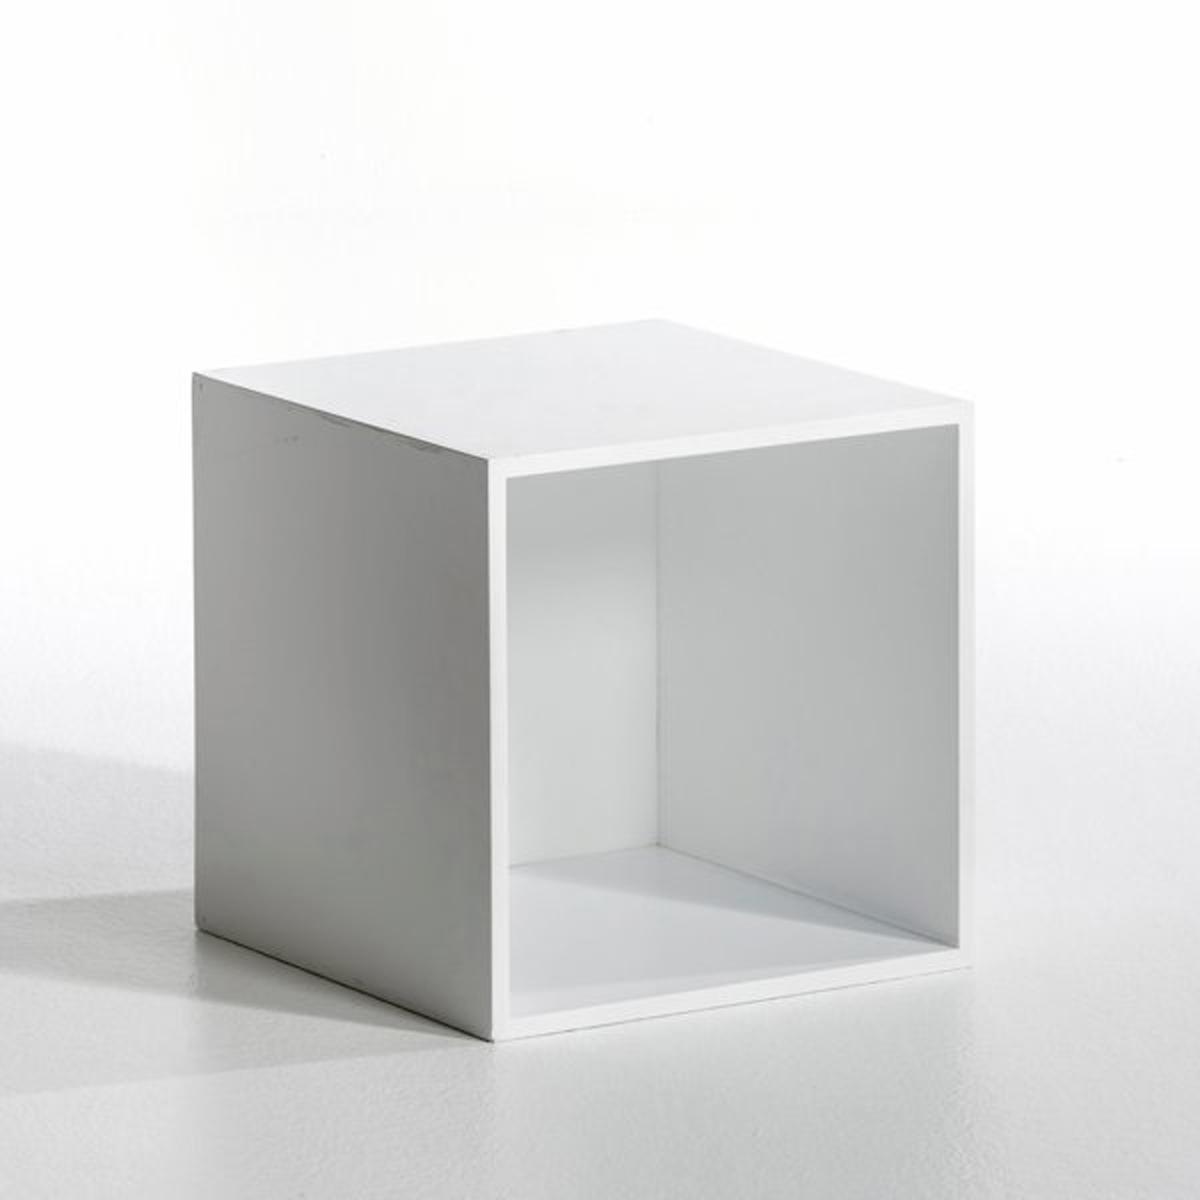 Ящик Kouzou, по дизайну Э. ГаллиныХарактеристики:Ящик из МДФ с матовой лакировкой, из фанеры под орех или из массива дуба.Размеры:Размер S: 35 x 35 x 35 см.Размер M: 35 x 35 x 70 см.Размеры и вес упаковки:Размер S: 43 x 43 x 43 см, 7,76 кг.Размер M: 43 x 43 x 77 см, 10,88 кг<br><br>Цвет: белый,натуральный дуб,ореховый,черный